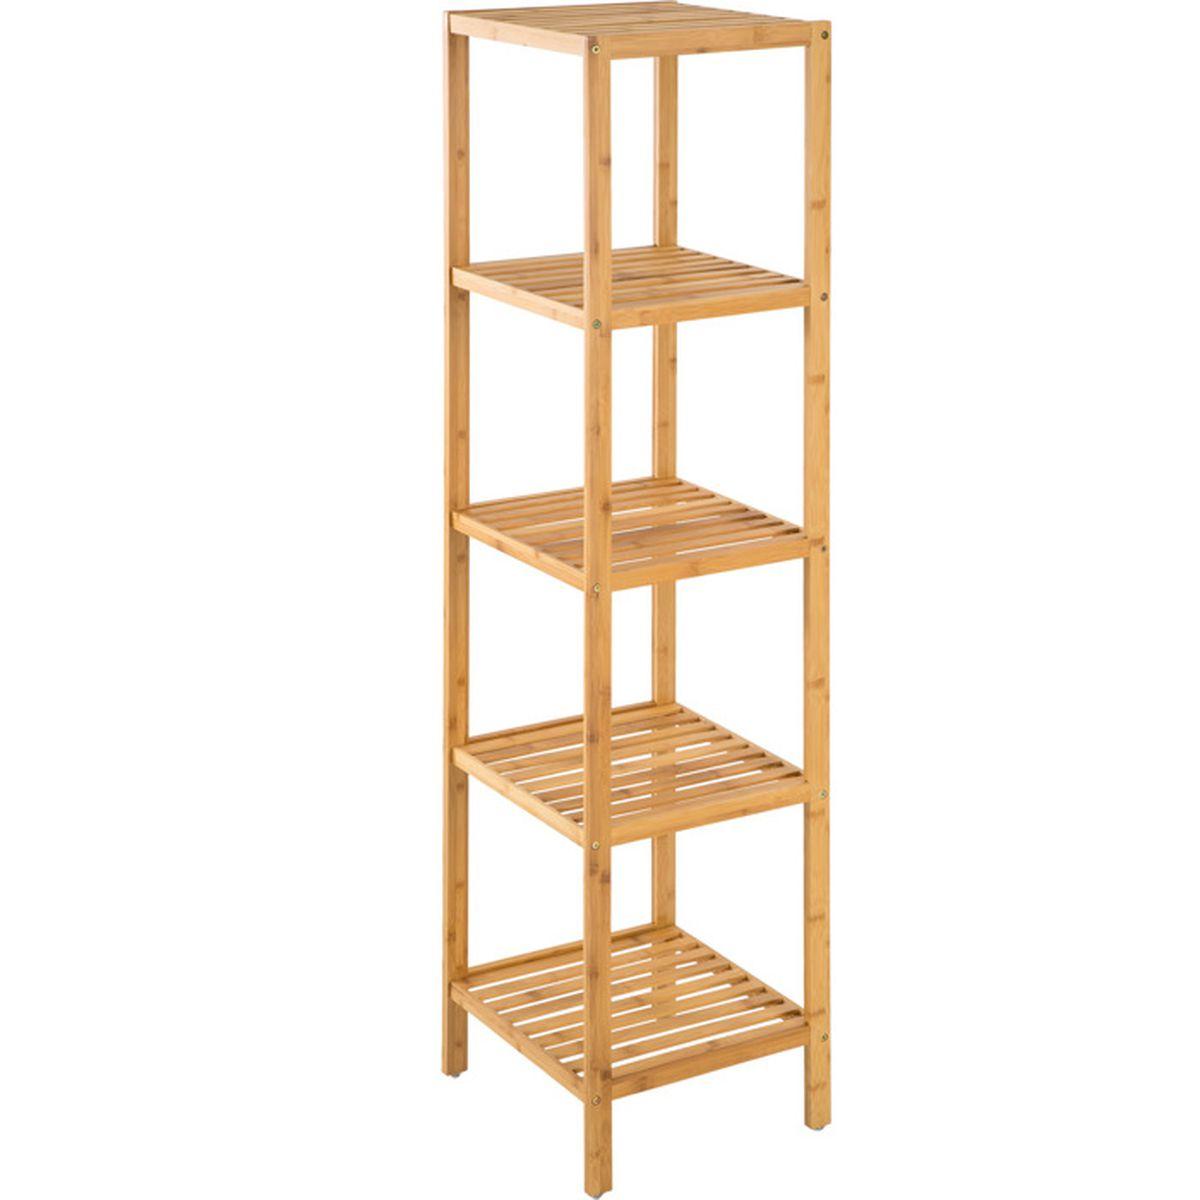 Etagere en bambou pour salle de bain echelle bambou salle - Etagere salle de bain bois ...